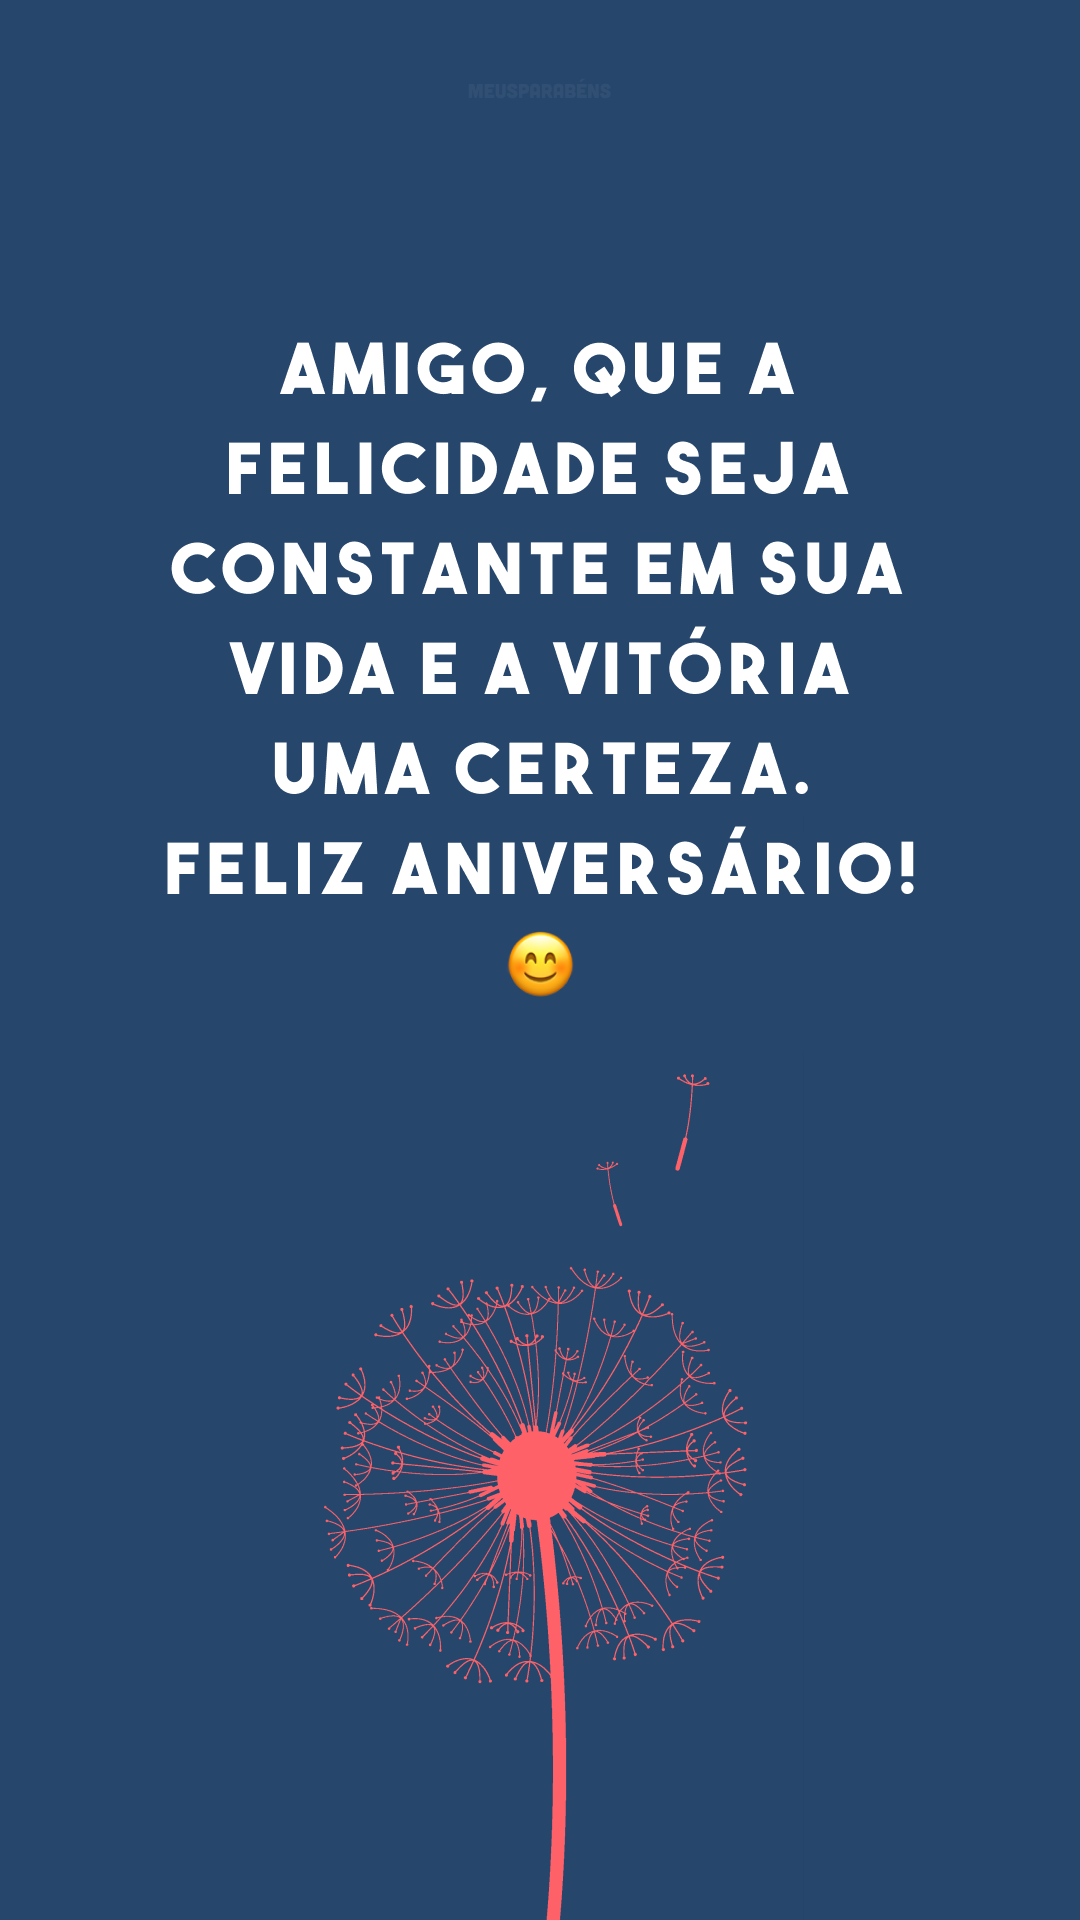 Amigo, que a felicidade seja constante em sua vida e a vitória uma certeza. Feliz aniversário! 😊